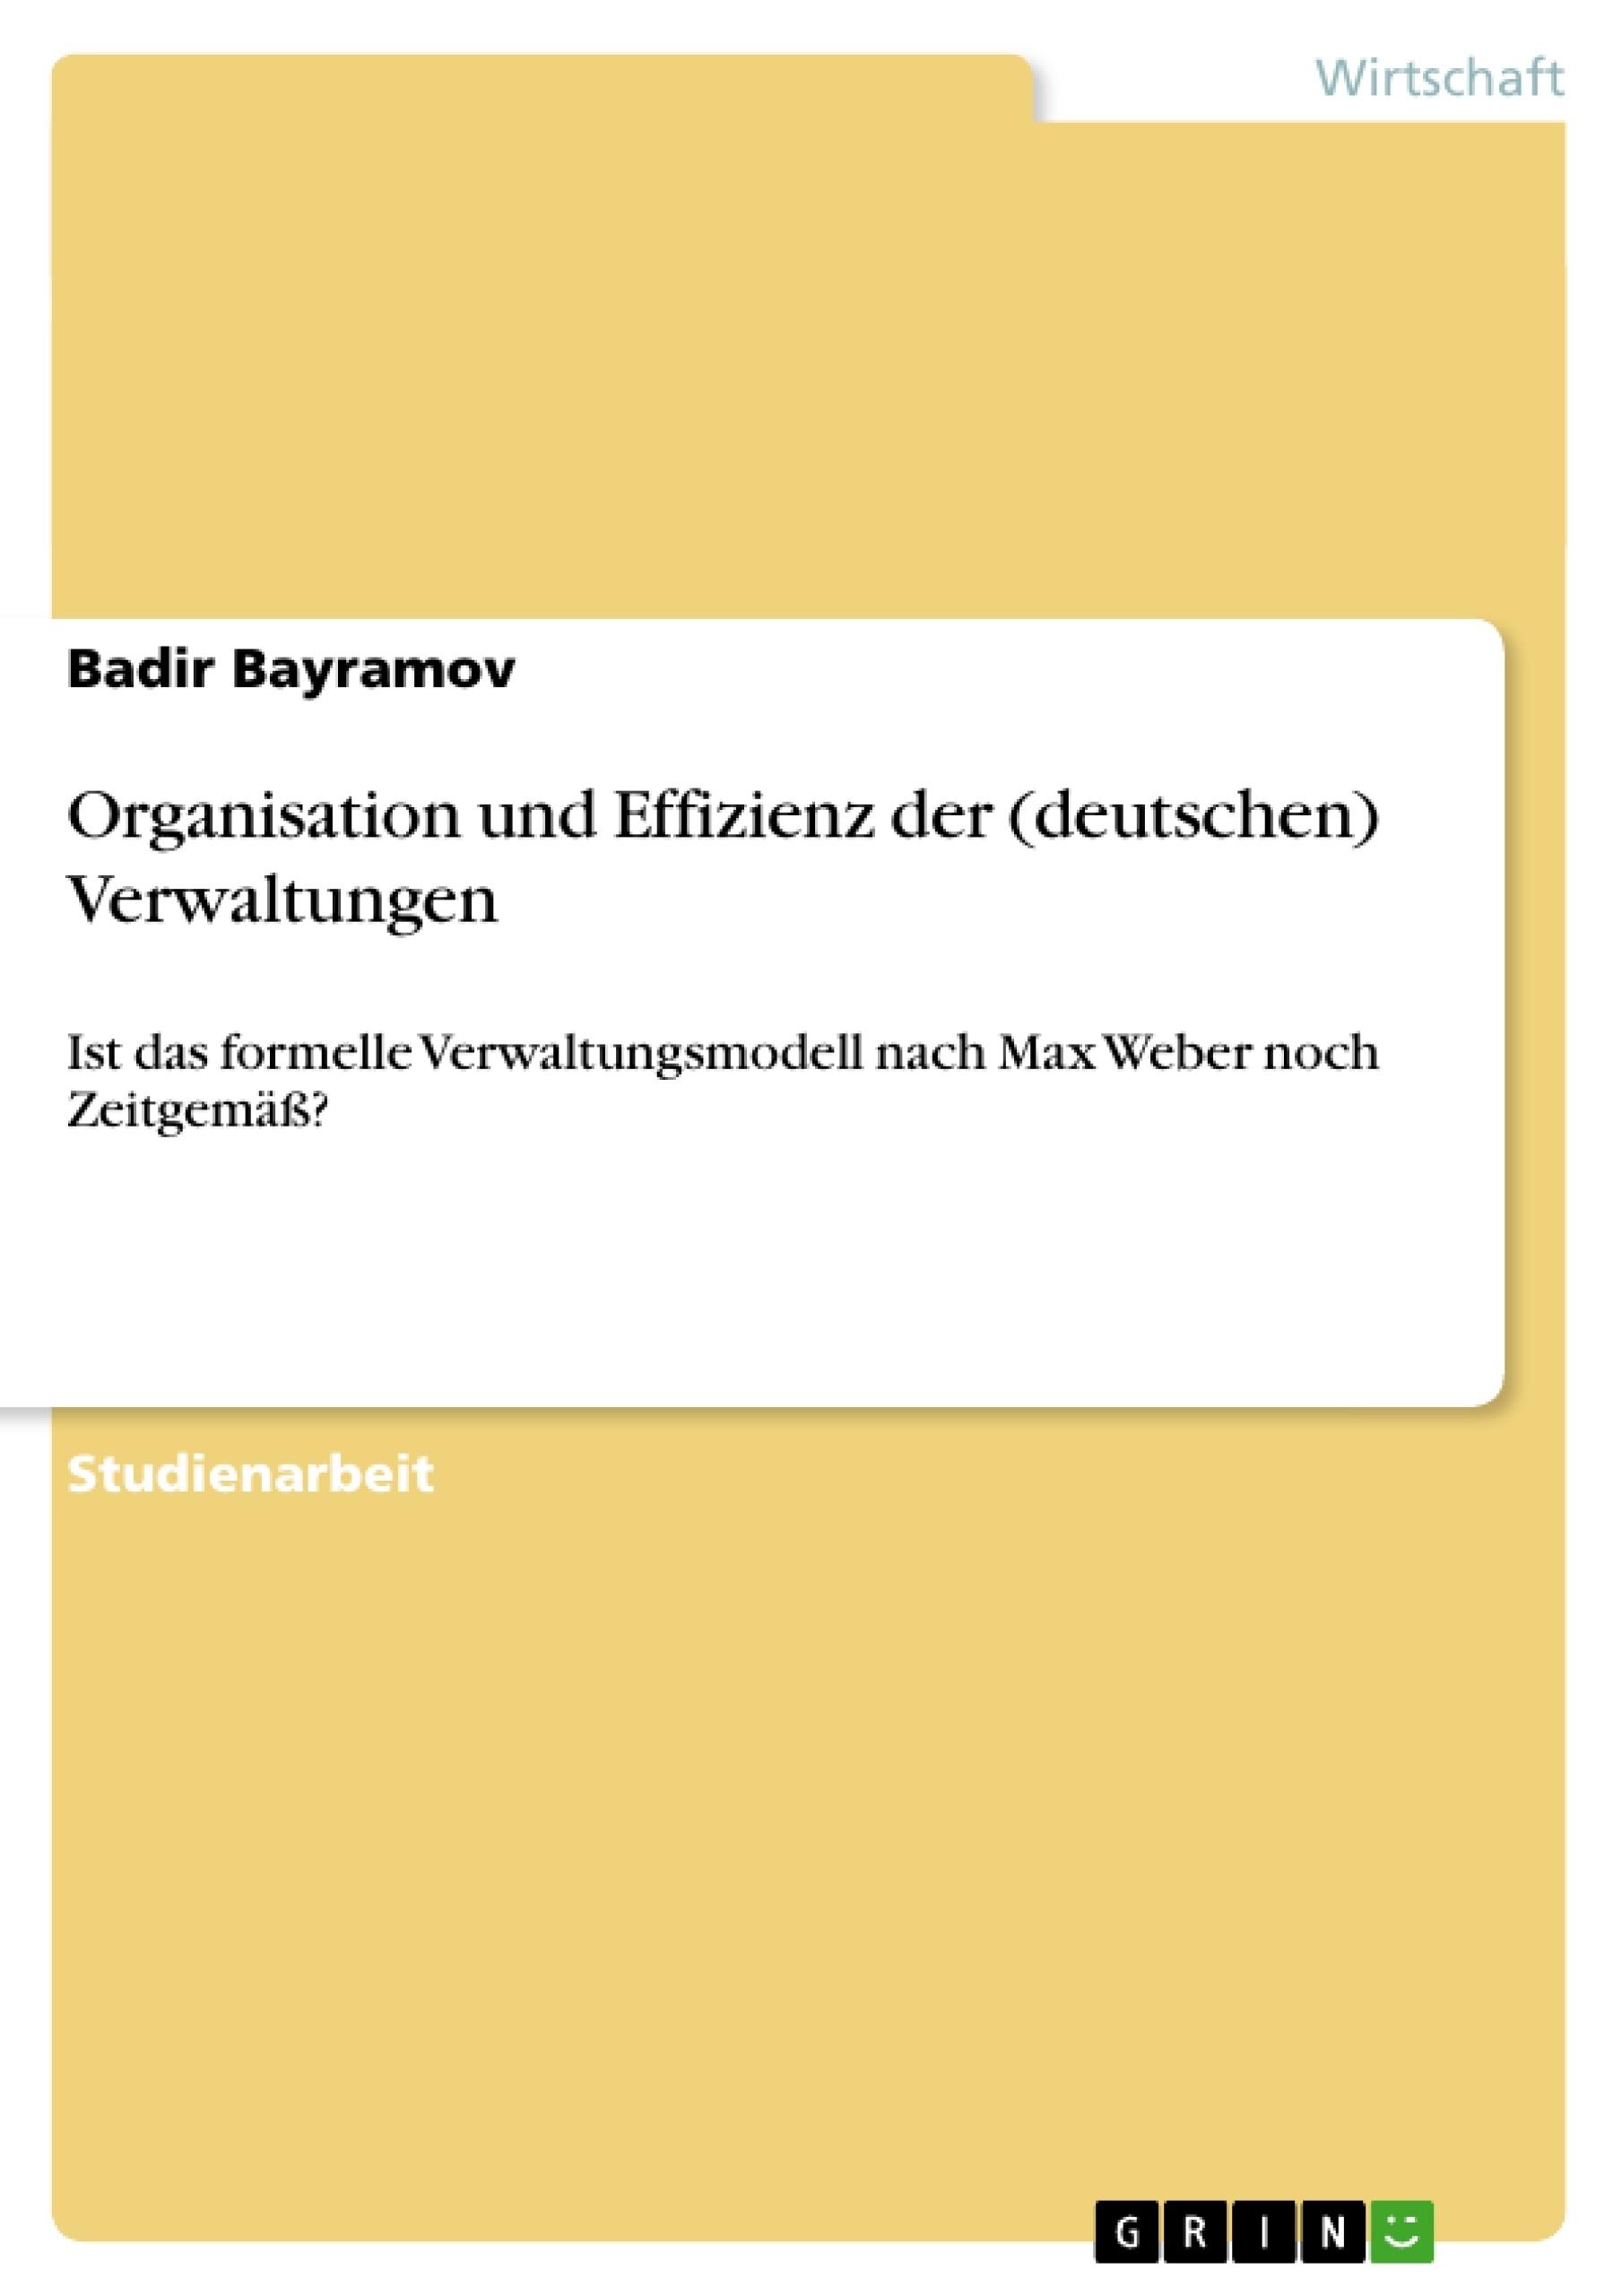 Titel: Organisation und Effizienz der (deutschen) Verwaltungen